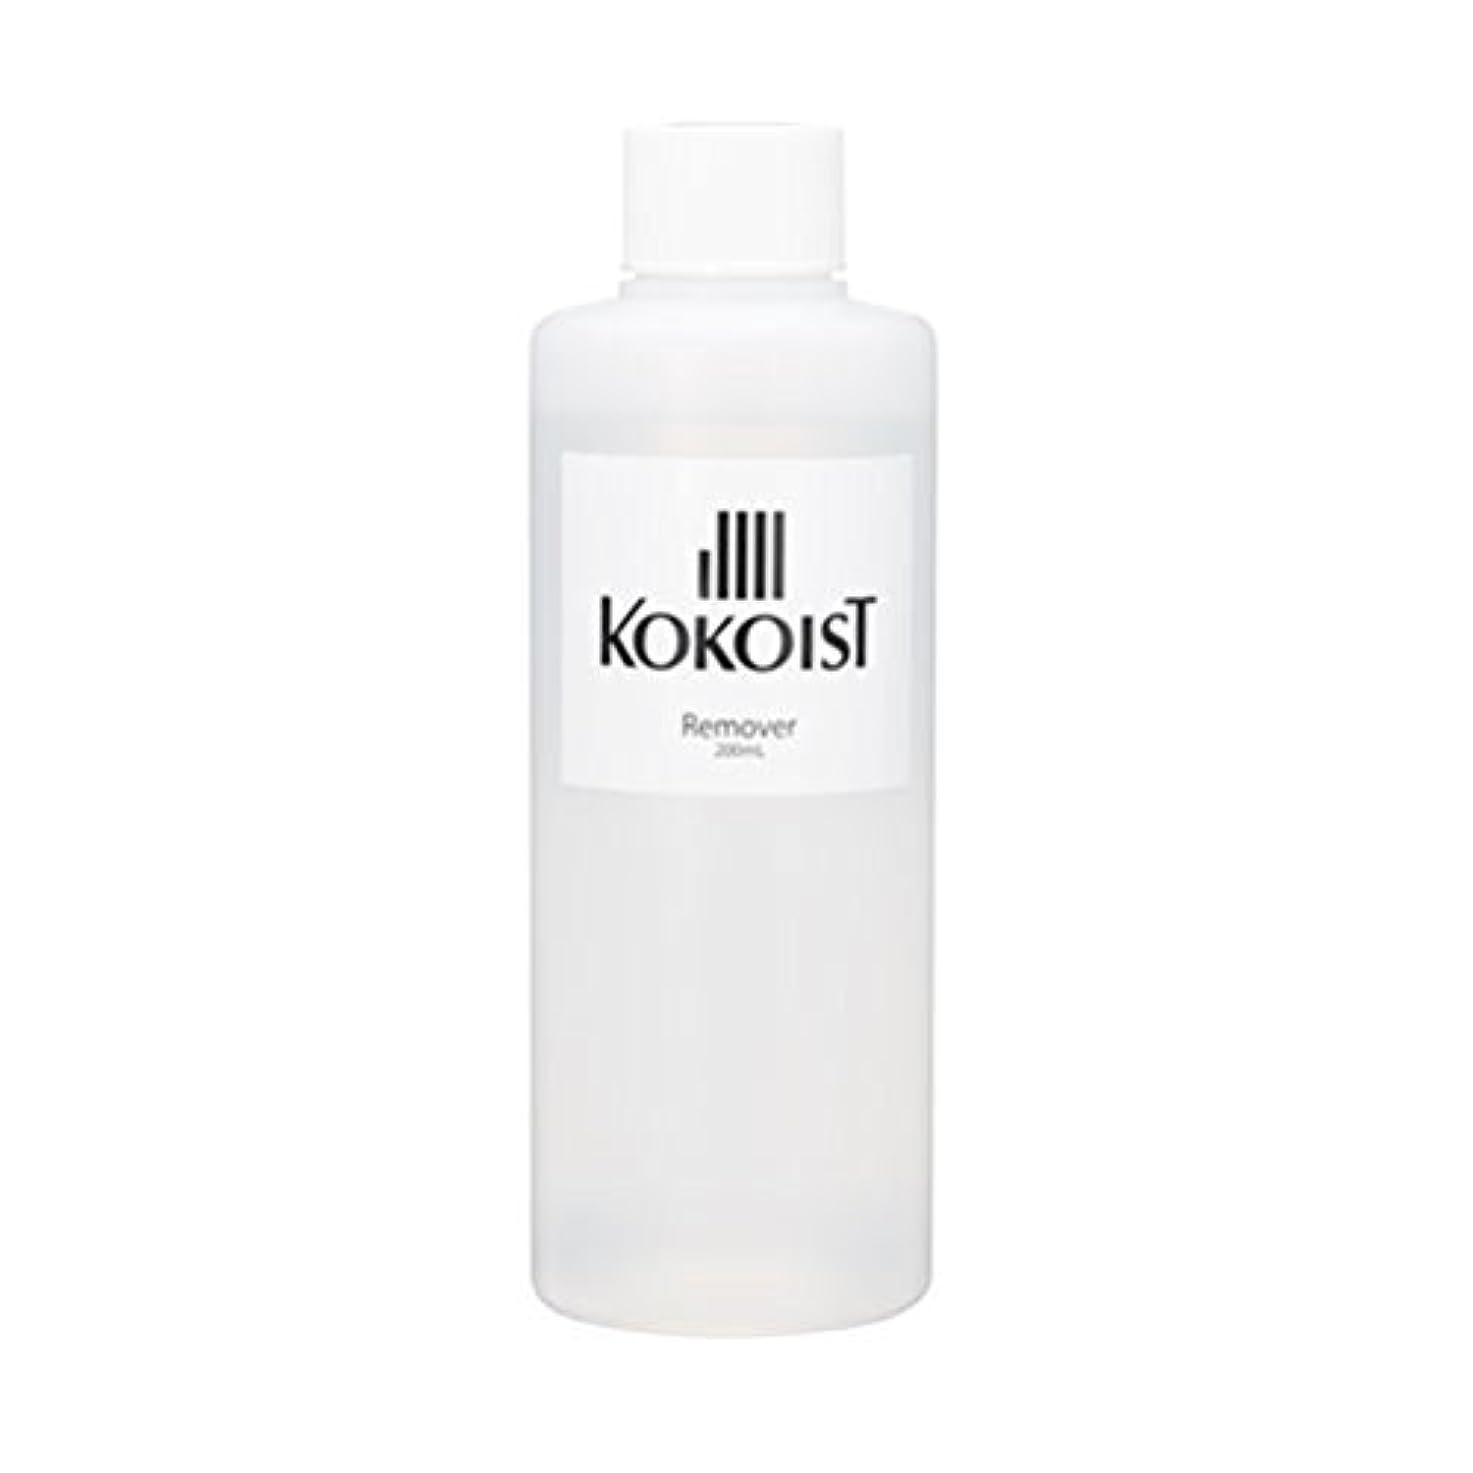 オーチャード洗剤寄稿者KOKOIST(ココイスト) リムーバー 200ml